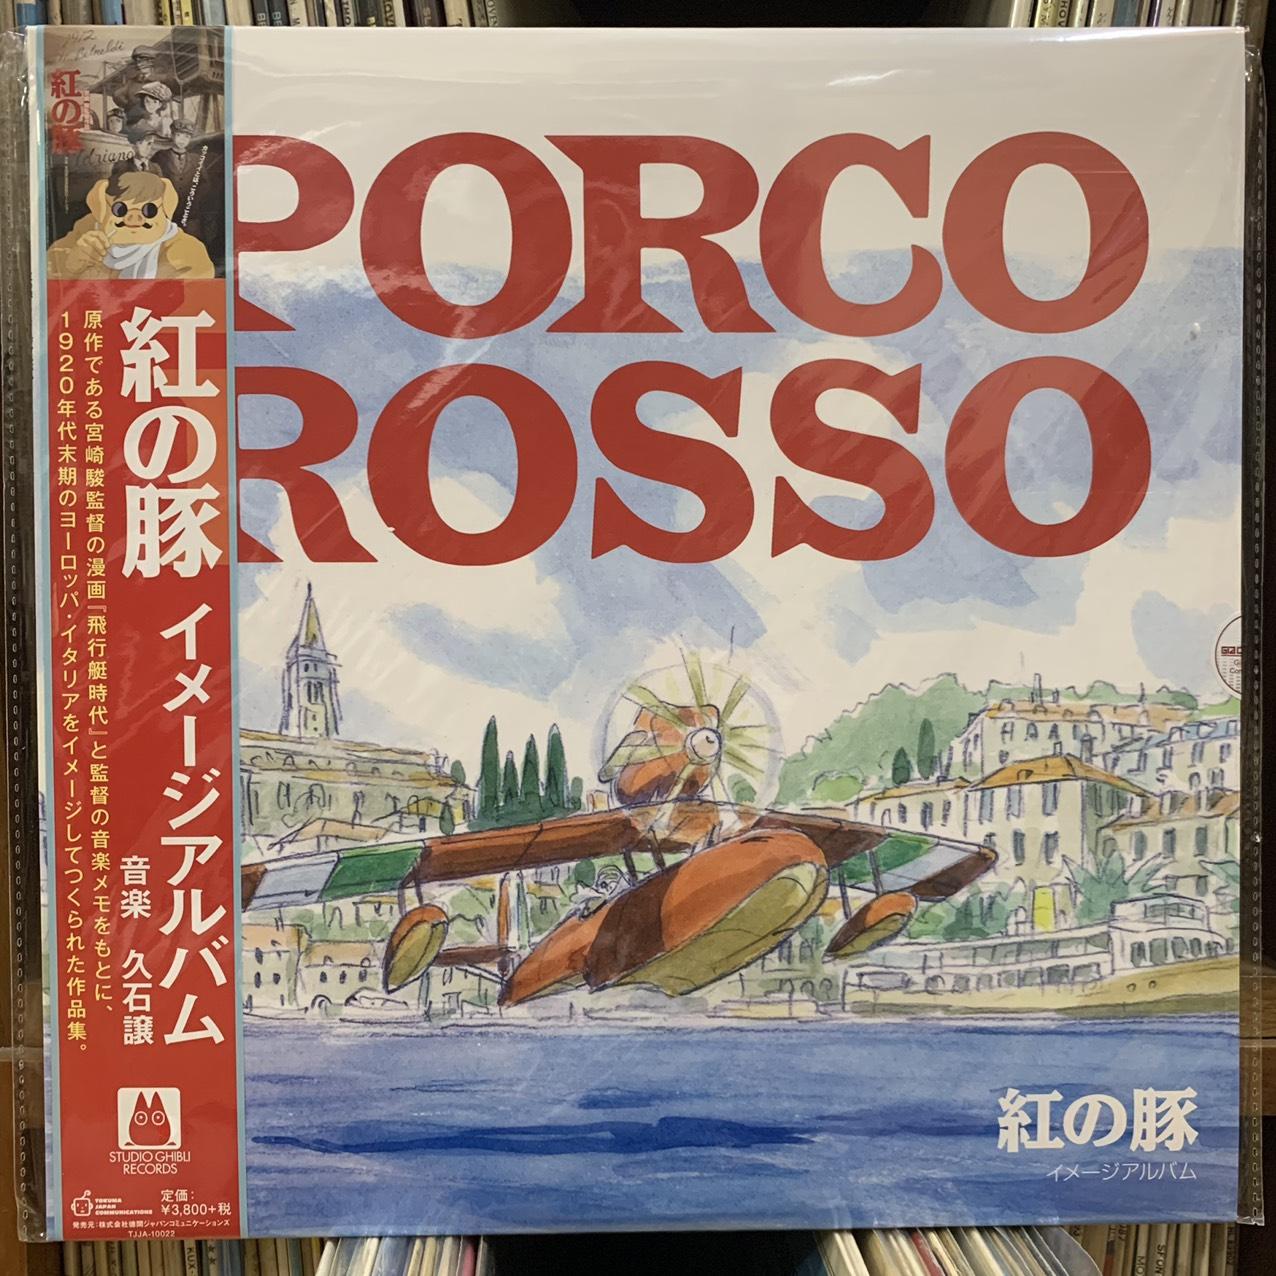 dia-than-lp-porco-rosso-chu-heo-mau-do-image-album-studio-ghibli